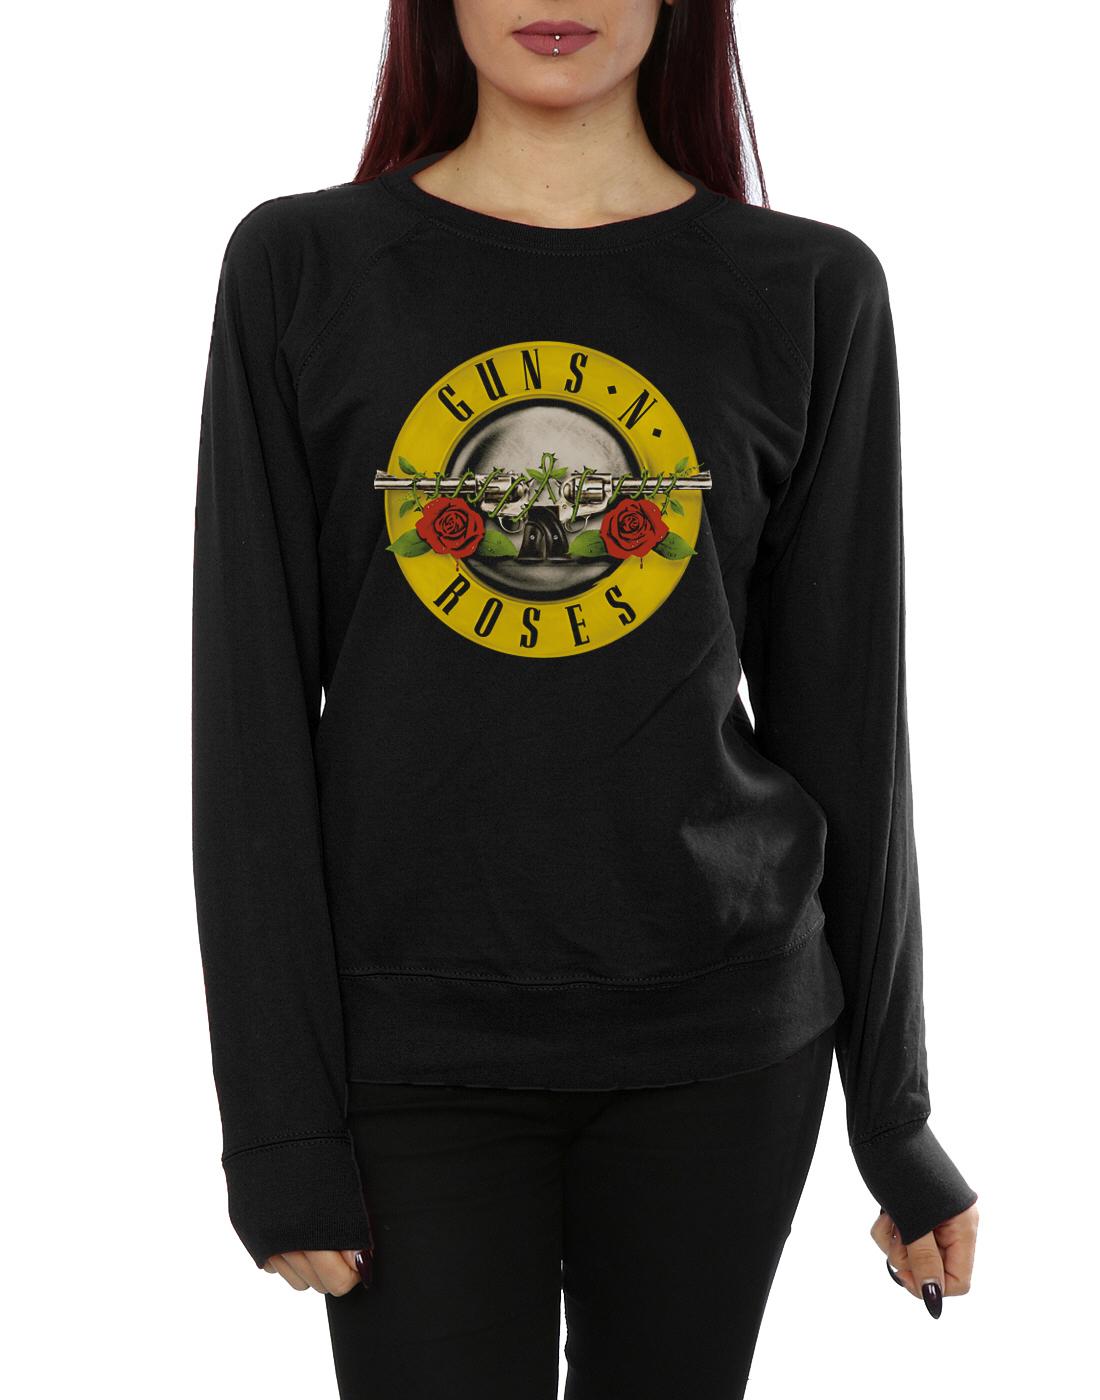 Donna Felpa N Guns Bullet Roses Logo 4EzvBz